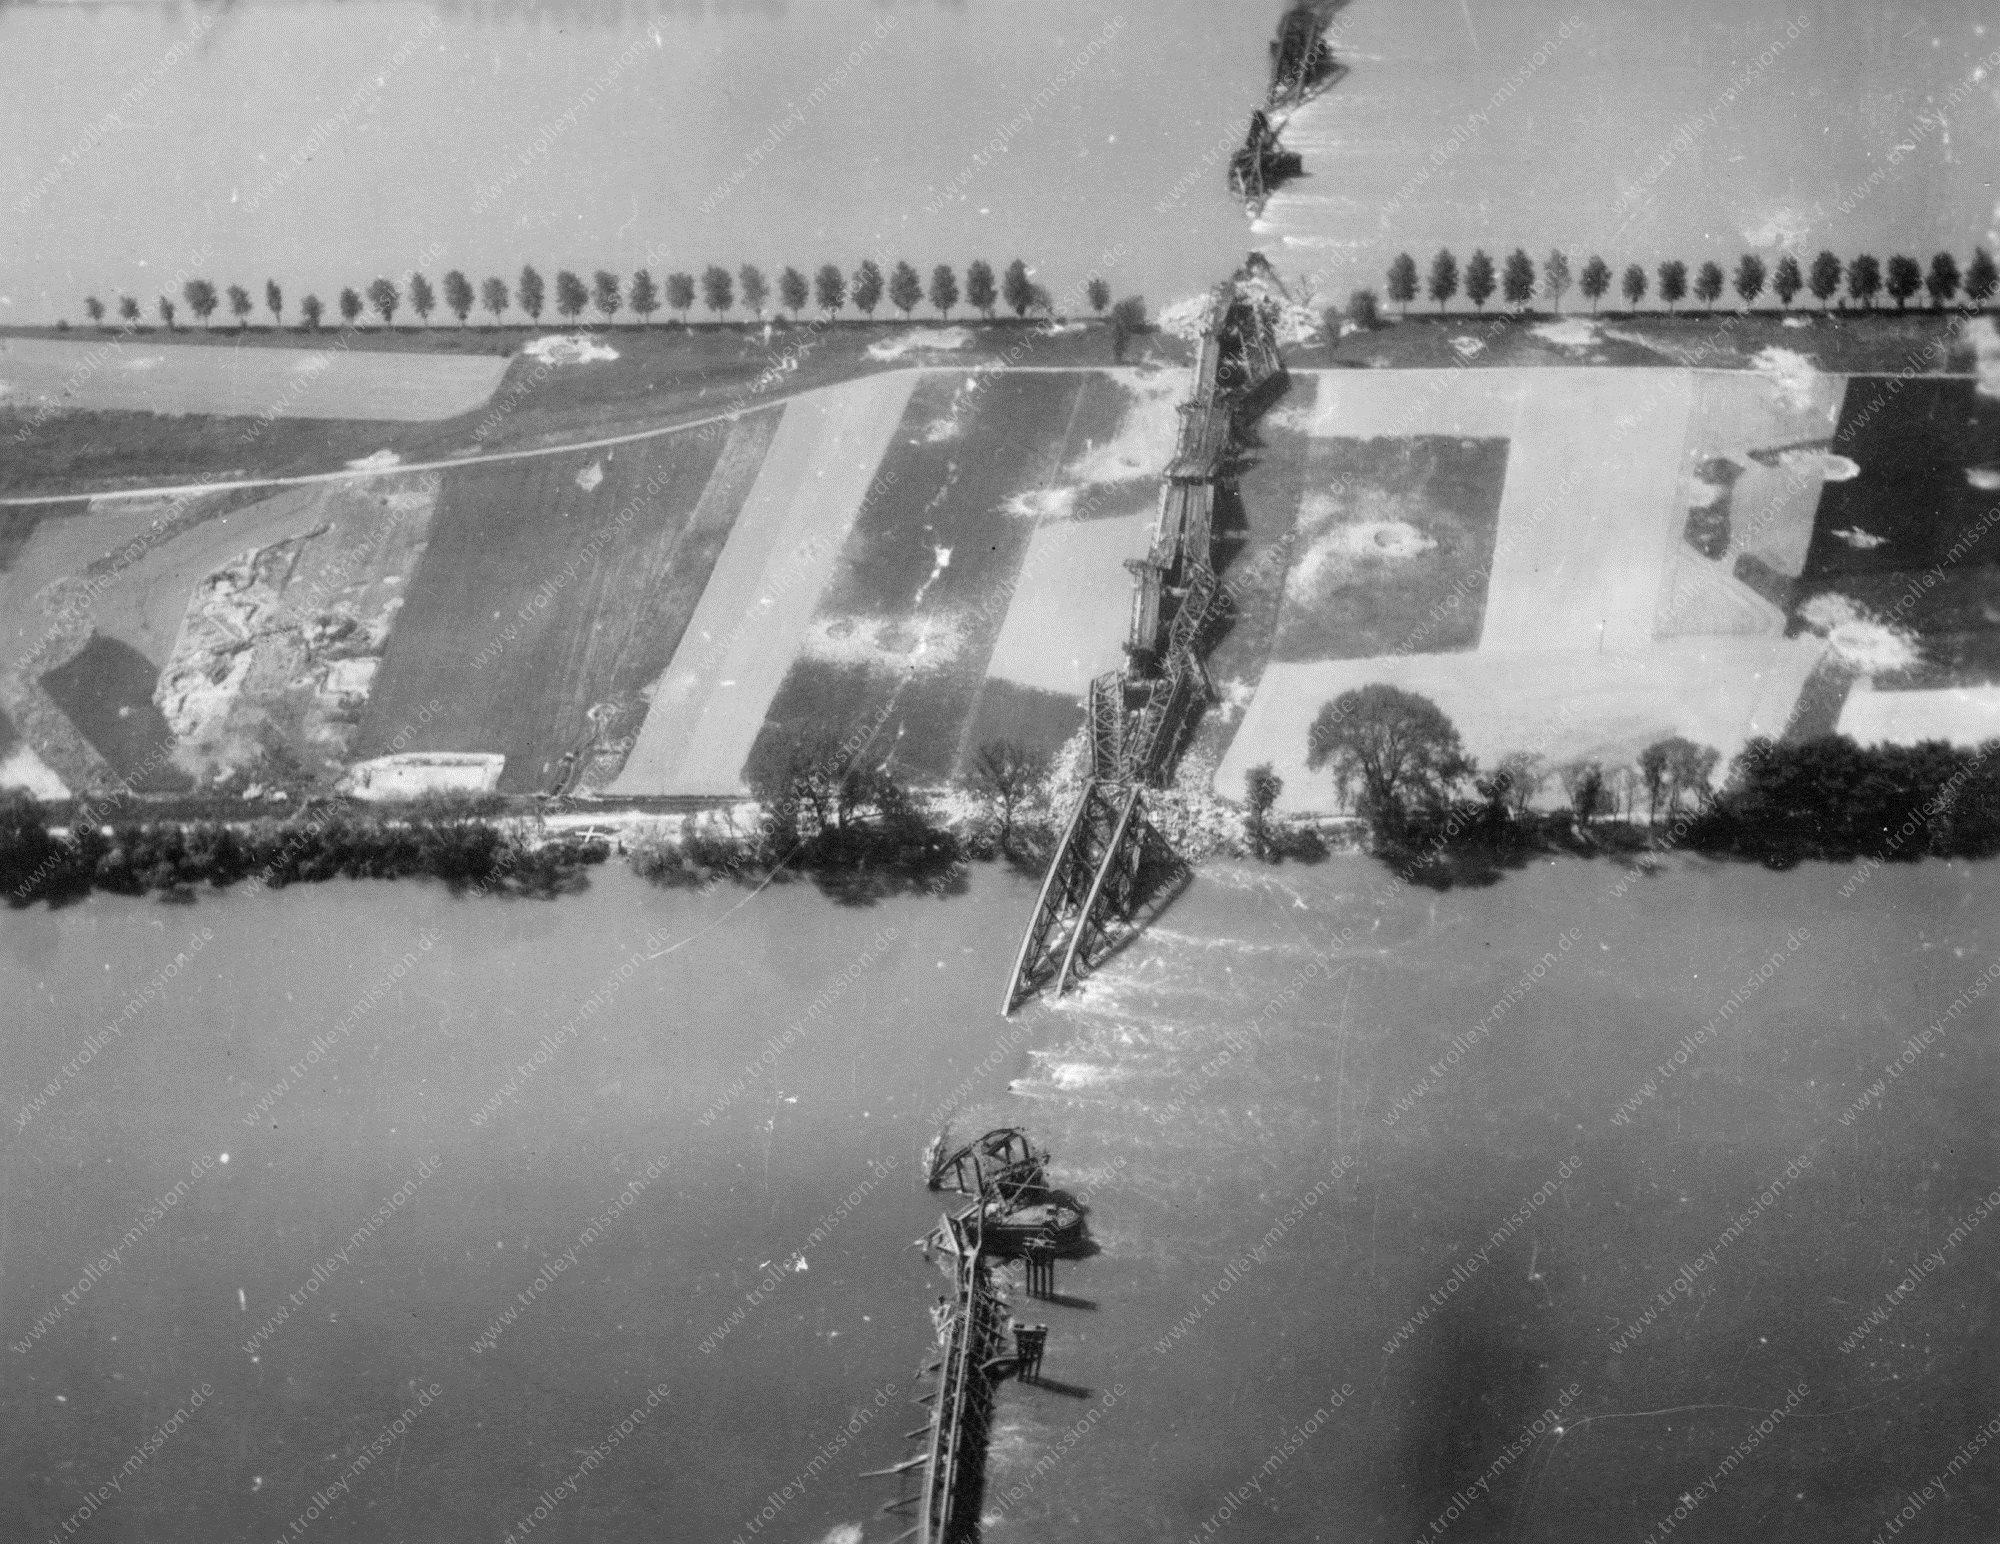 Mainz Luftbild der zerstörten Kaiserbrücke bzw. Nordbrücke zwischen der Mainzer Neustadt und Mainz-Amöneburg und Mainz-Kastel